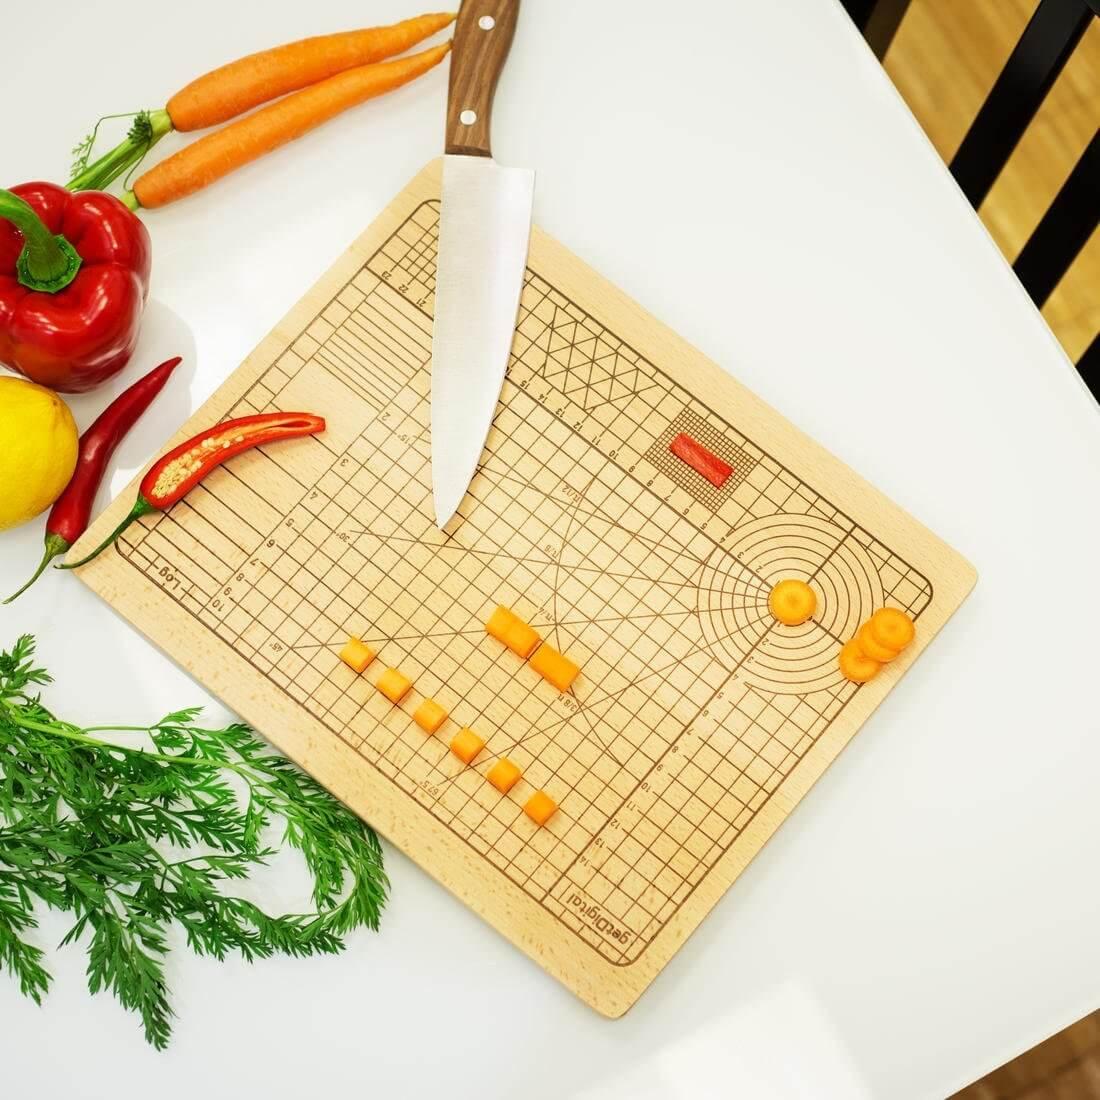 Nerd Geschenke - Die besten Gadgets für Geeks - Schneidebrett für Zwangsgestörte Küchenbrett Gemüse Hochpräzise geschnitten